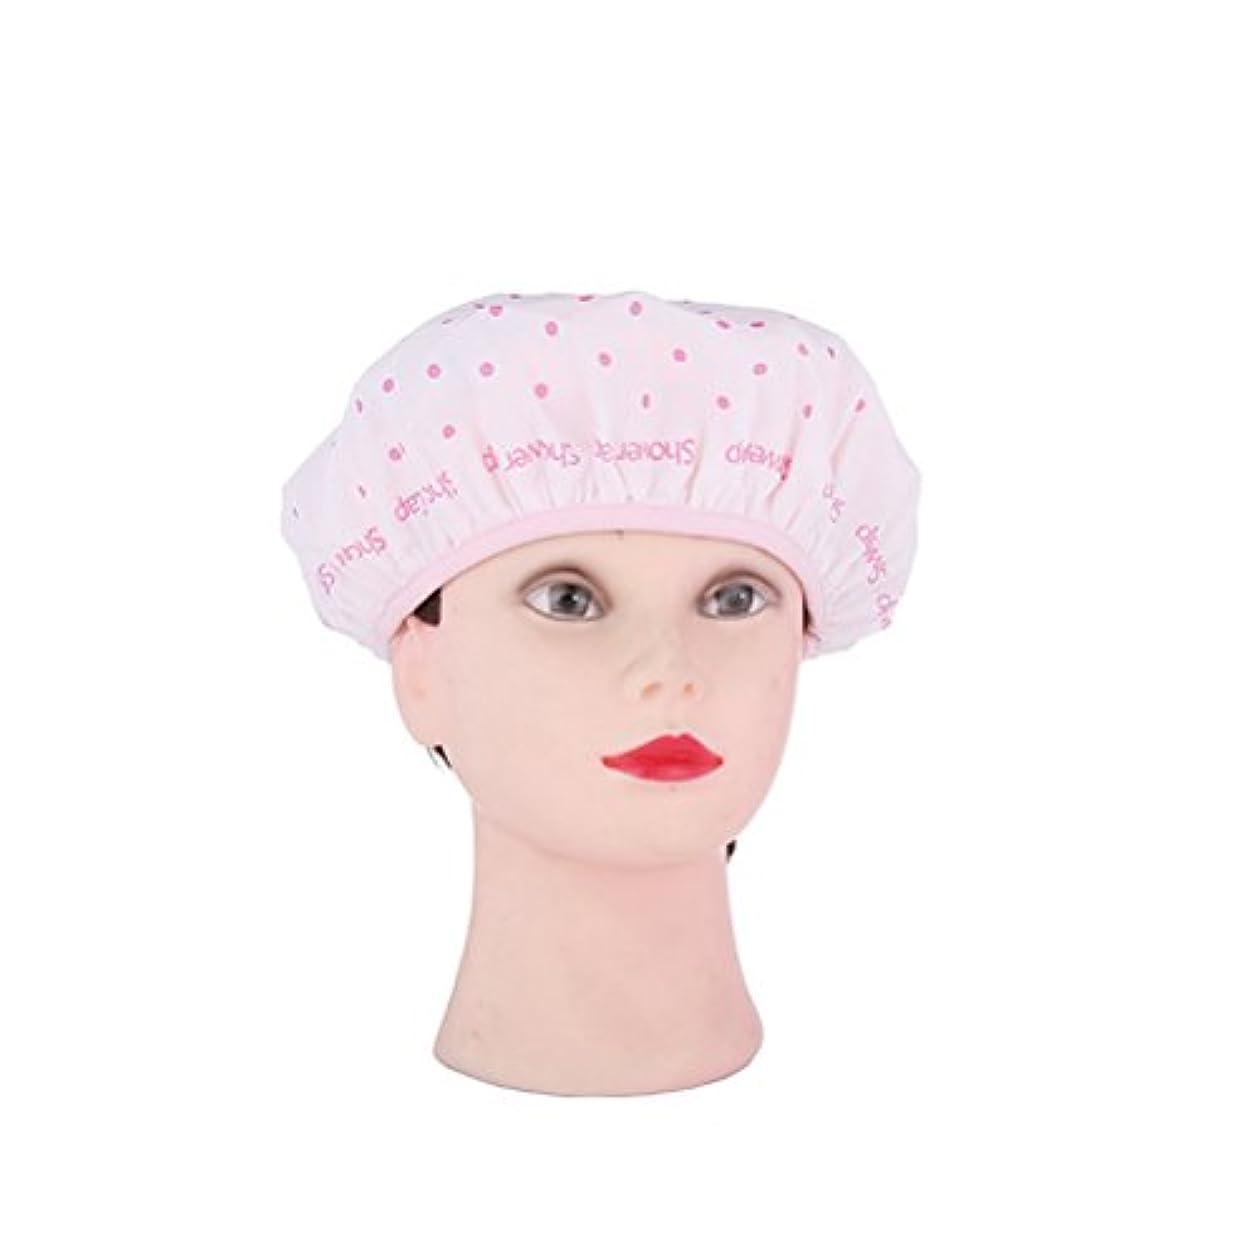 短くするタブレット外科医HEALLILY シャワーの帽子女性の子供のための防水シャワーの帽子のBathのシャワーの毛の帽子